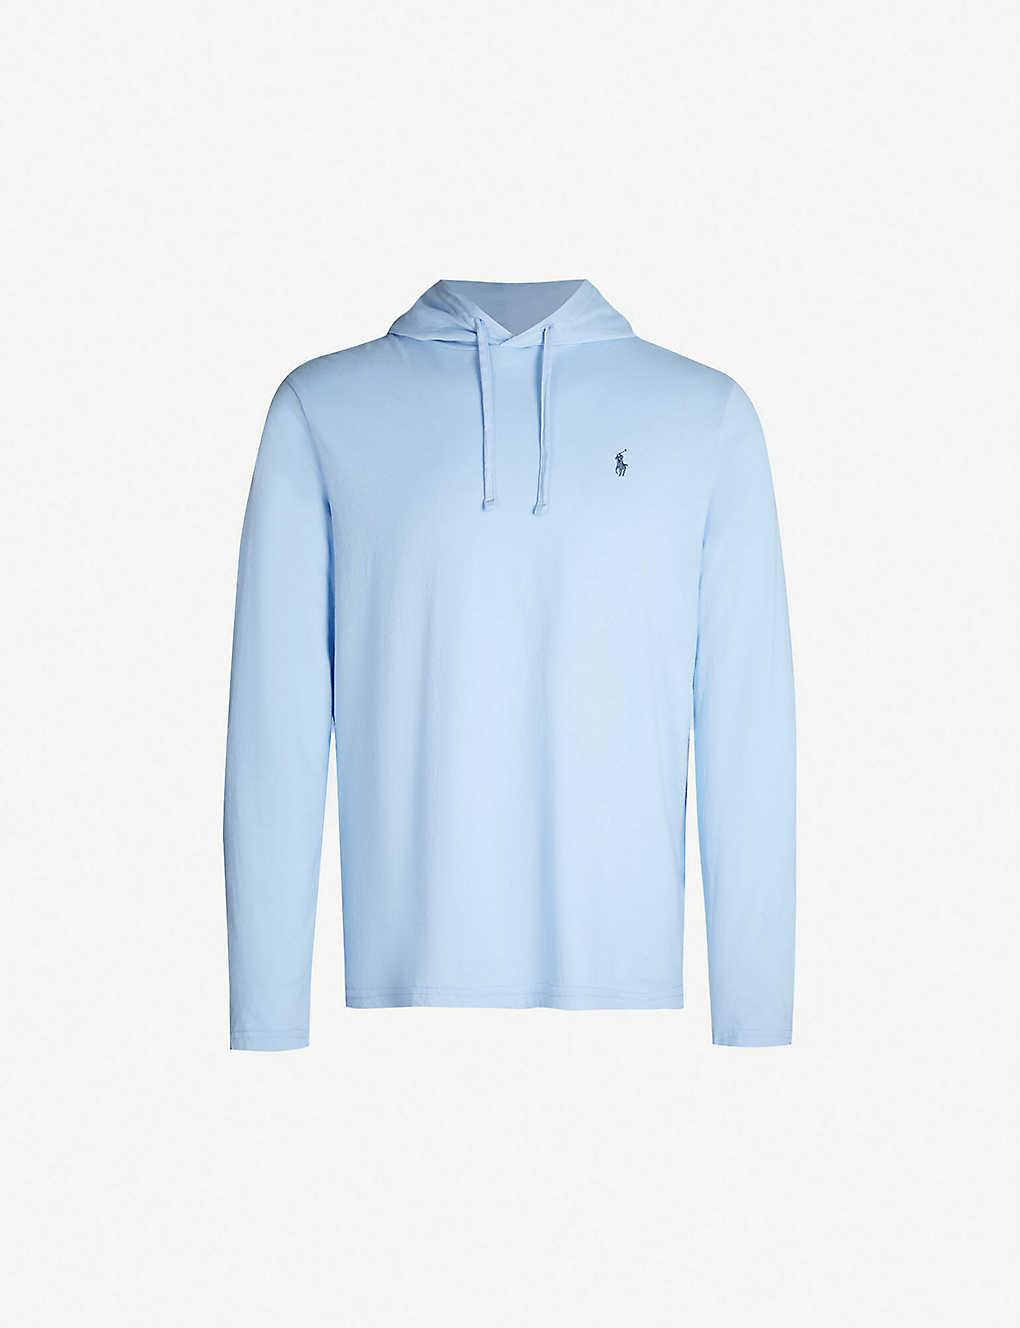 72153369f92 POLO RALPH LAUREN - Embrodiered logo cotton-jersey hooded T-shirt |  Selfridges.com